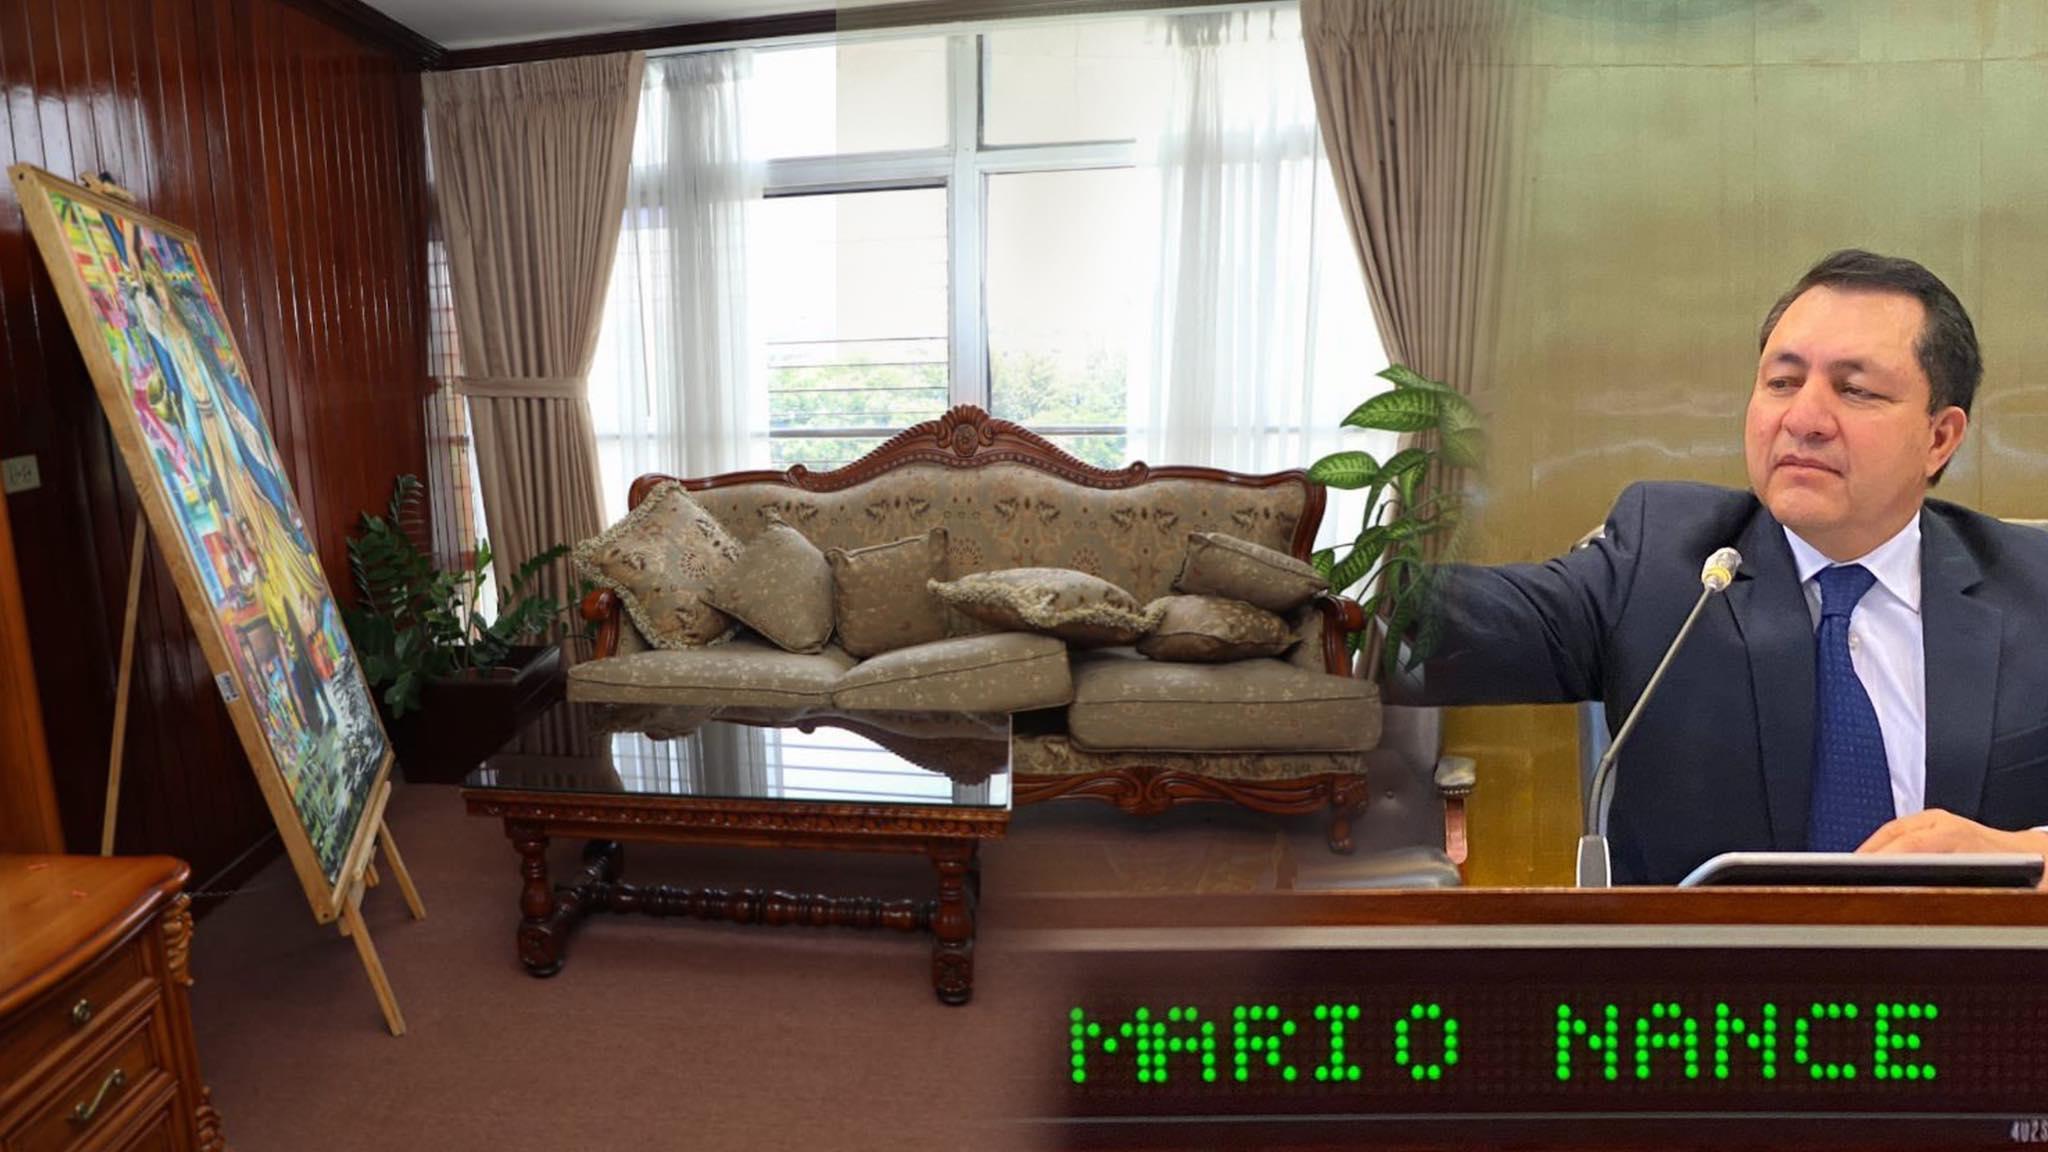 Diputados Cyan encontraron una suite privada de Mario Ponce en la parte de atrás de la Asamblea Legislativa